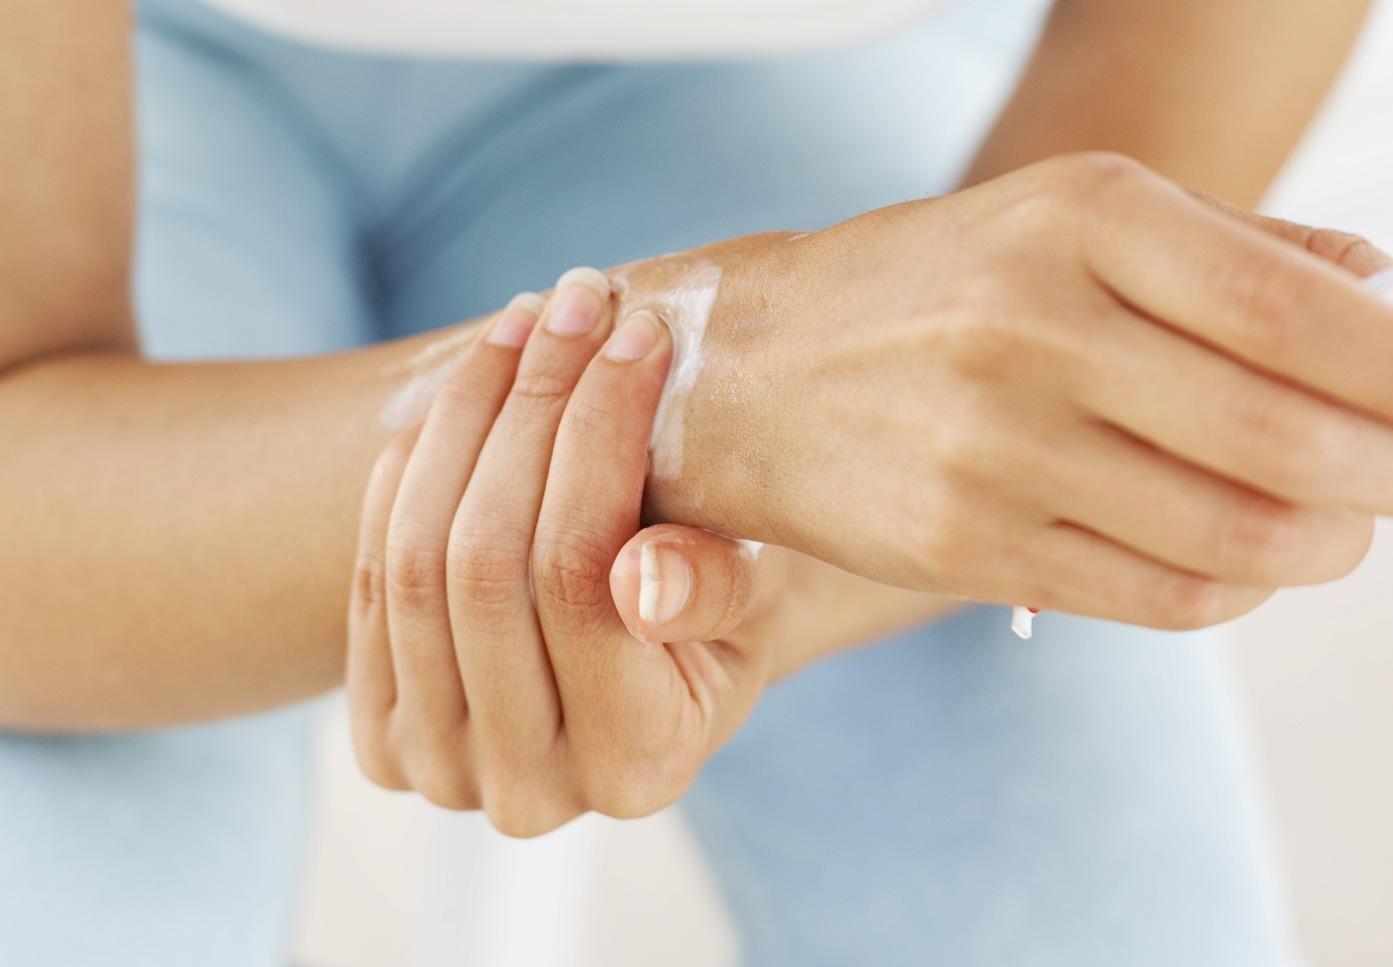 hogyan kezeljük a fájdalmat a láblábain típusú injekciók ízületi fájdalmakhoz